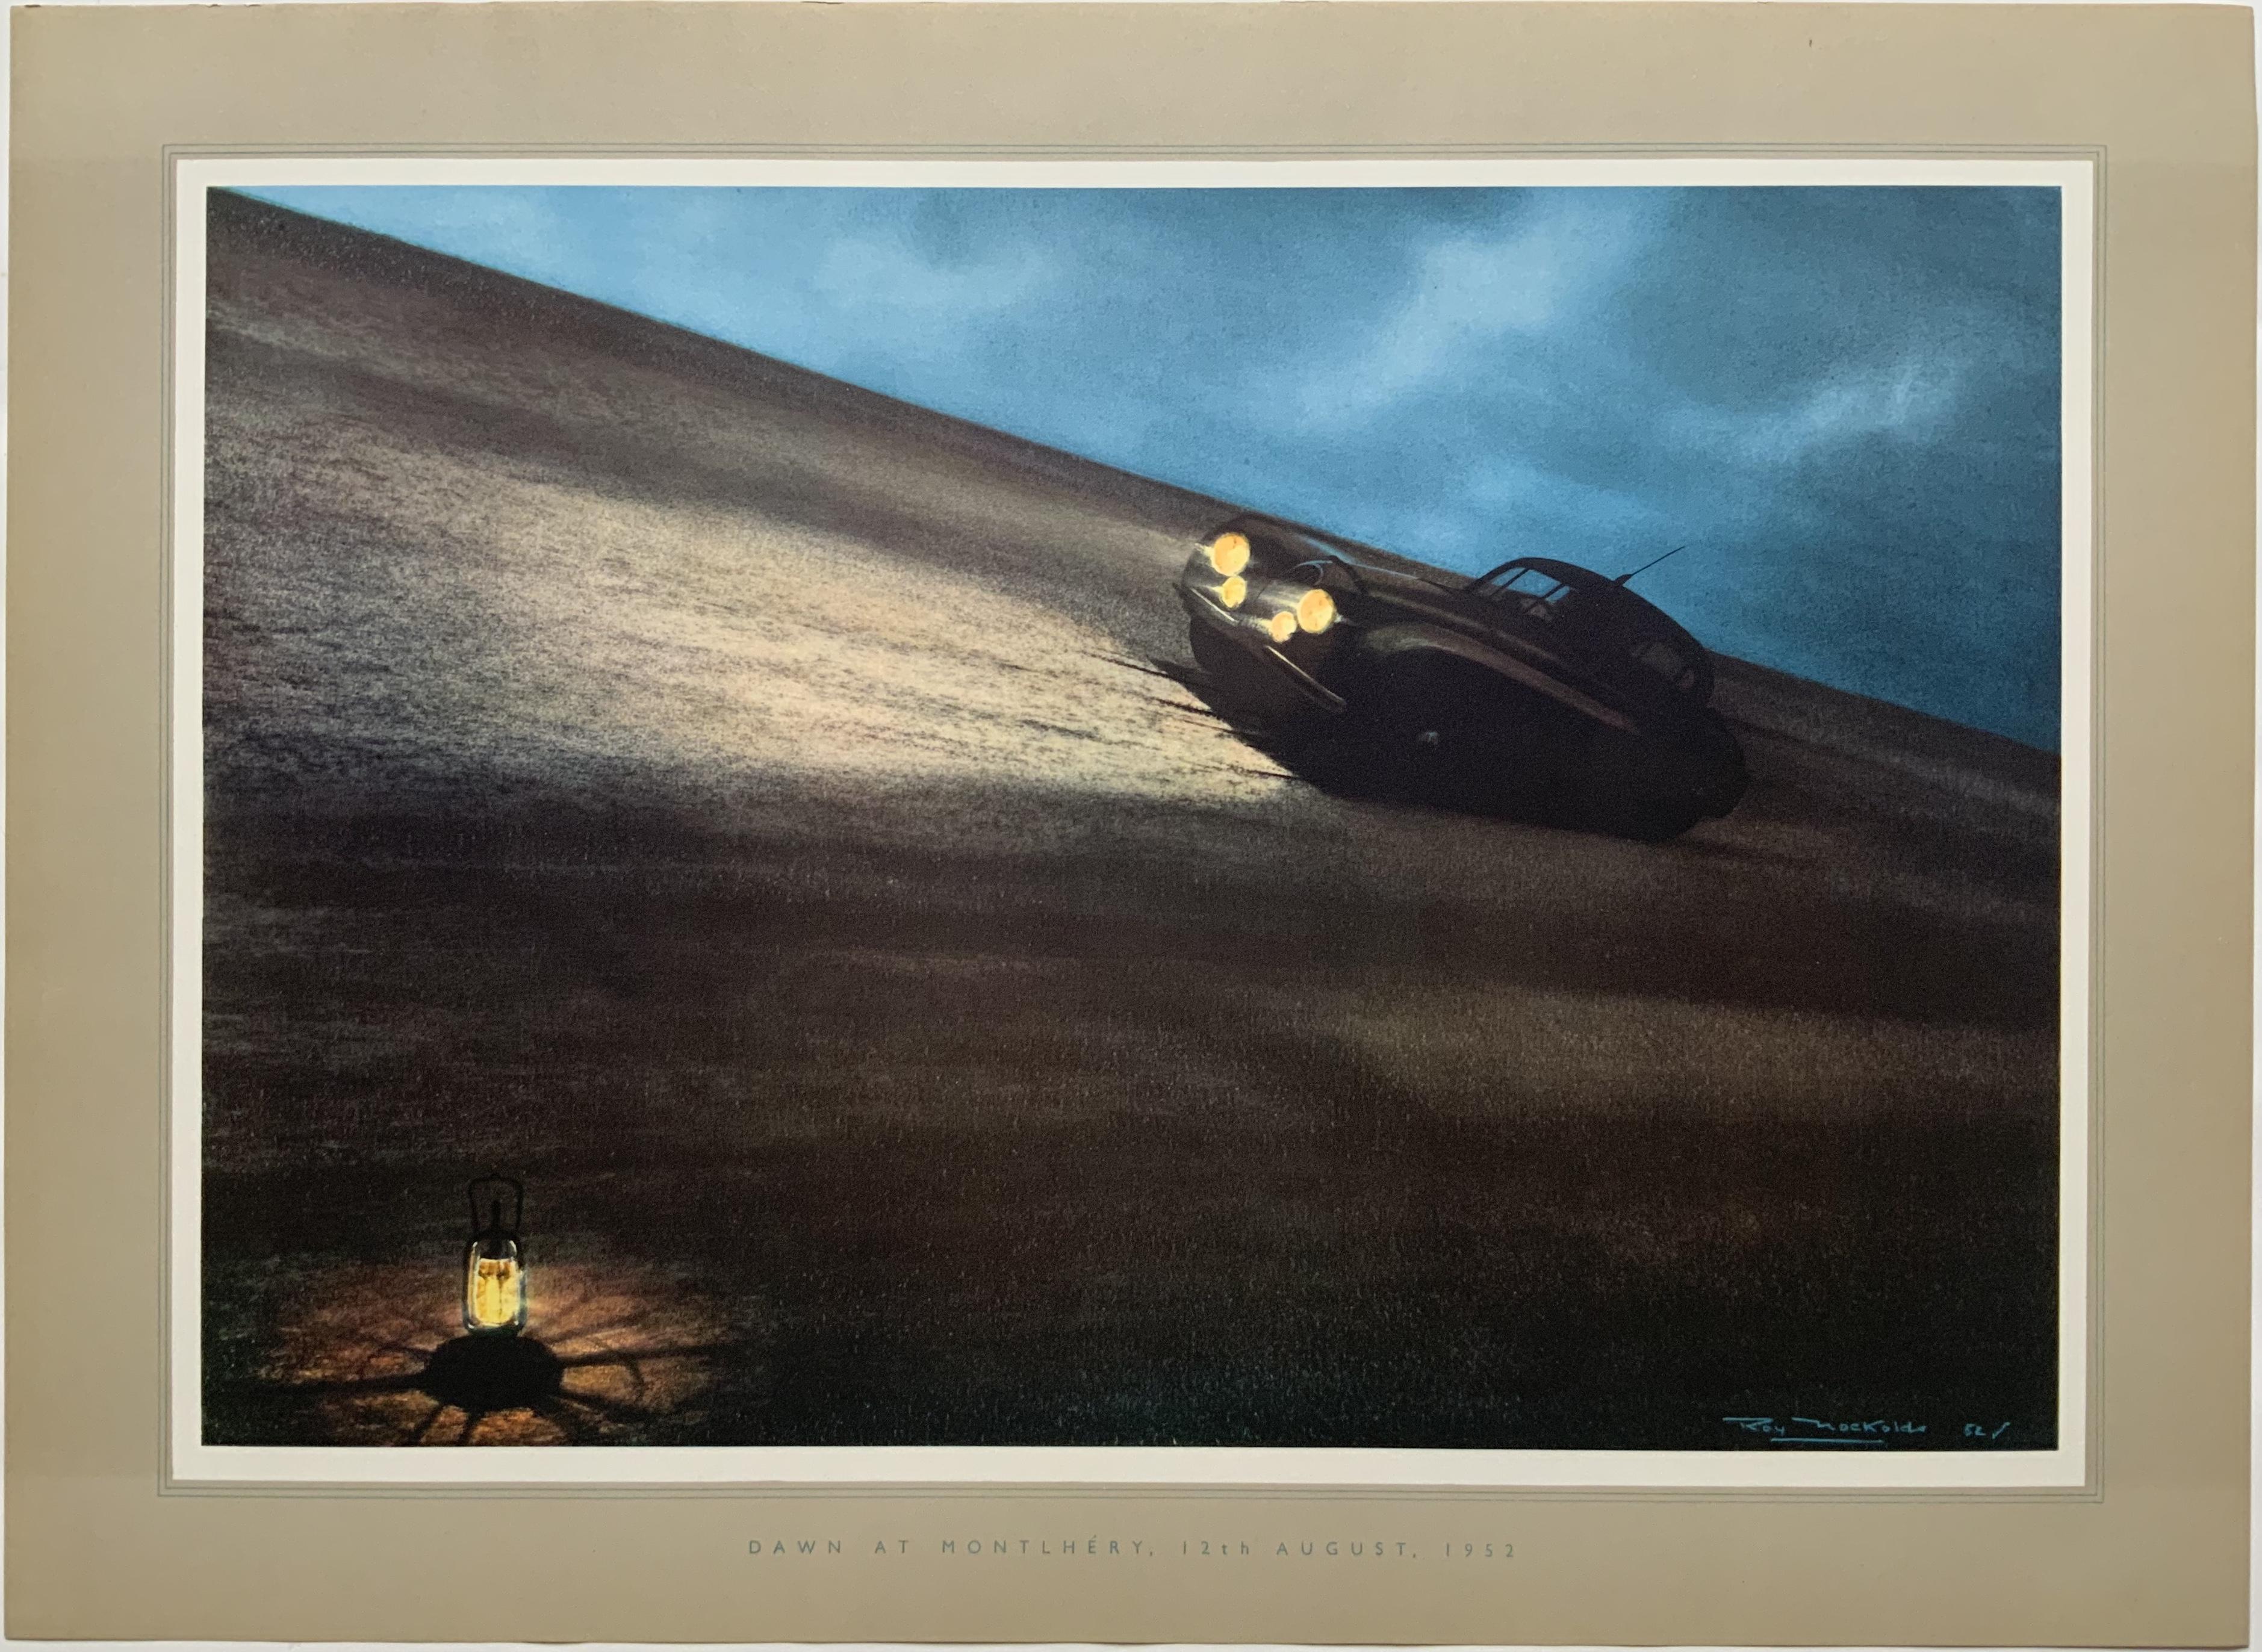 U1126 DAWN AT MONTLHERY 1952 - JAGUAR RACING SHOWROOM POSTER - STIRLING MOSS